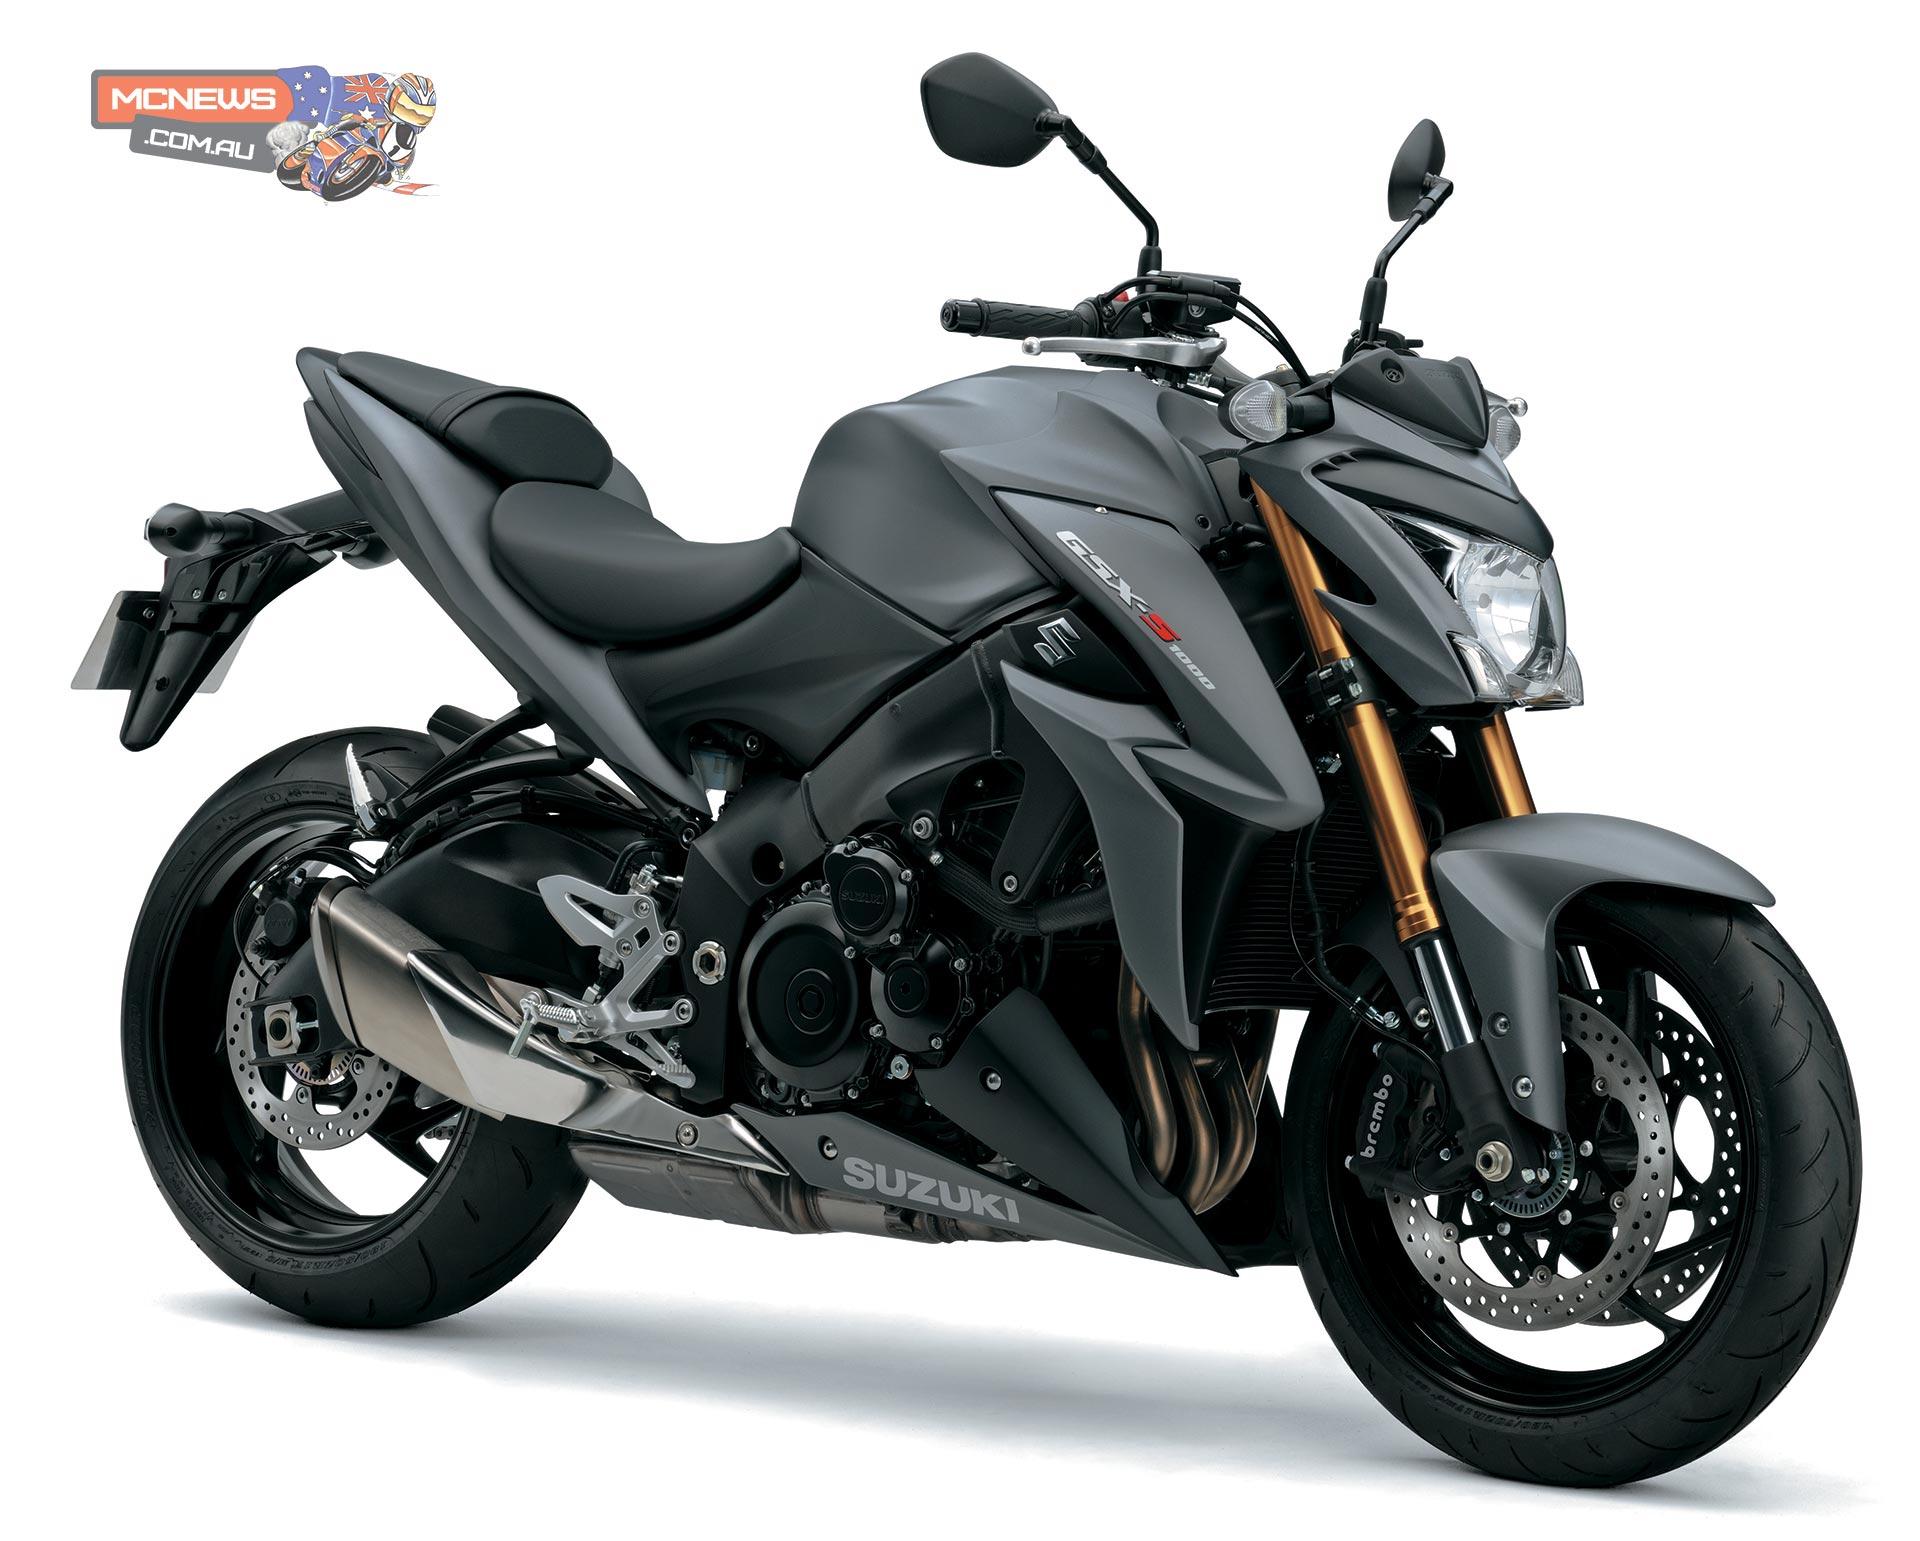 Suzuki R Gsx Motorcycle